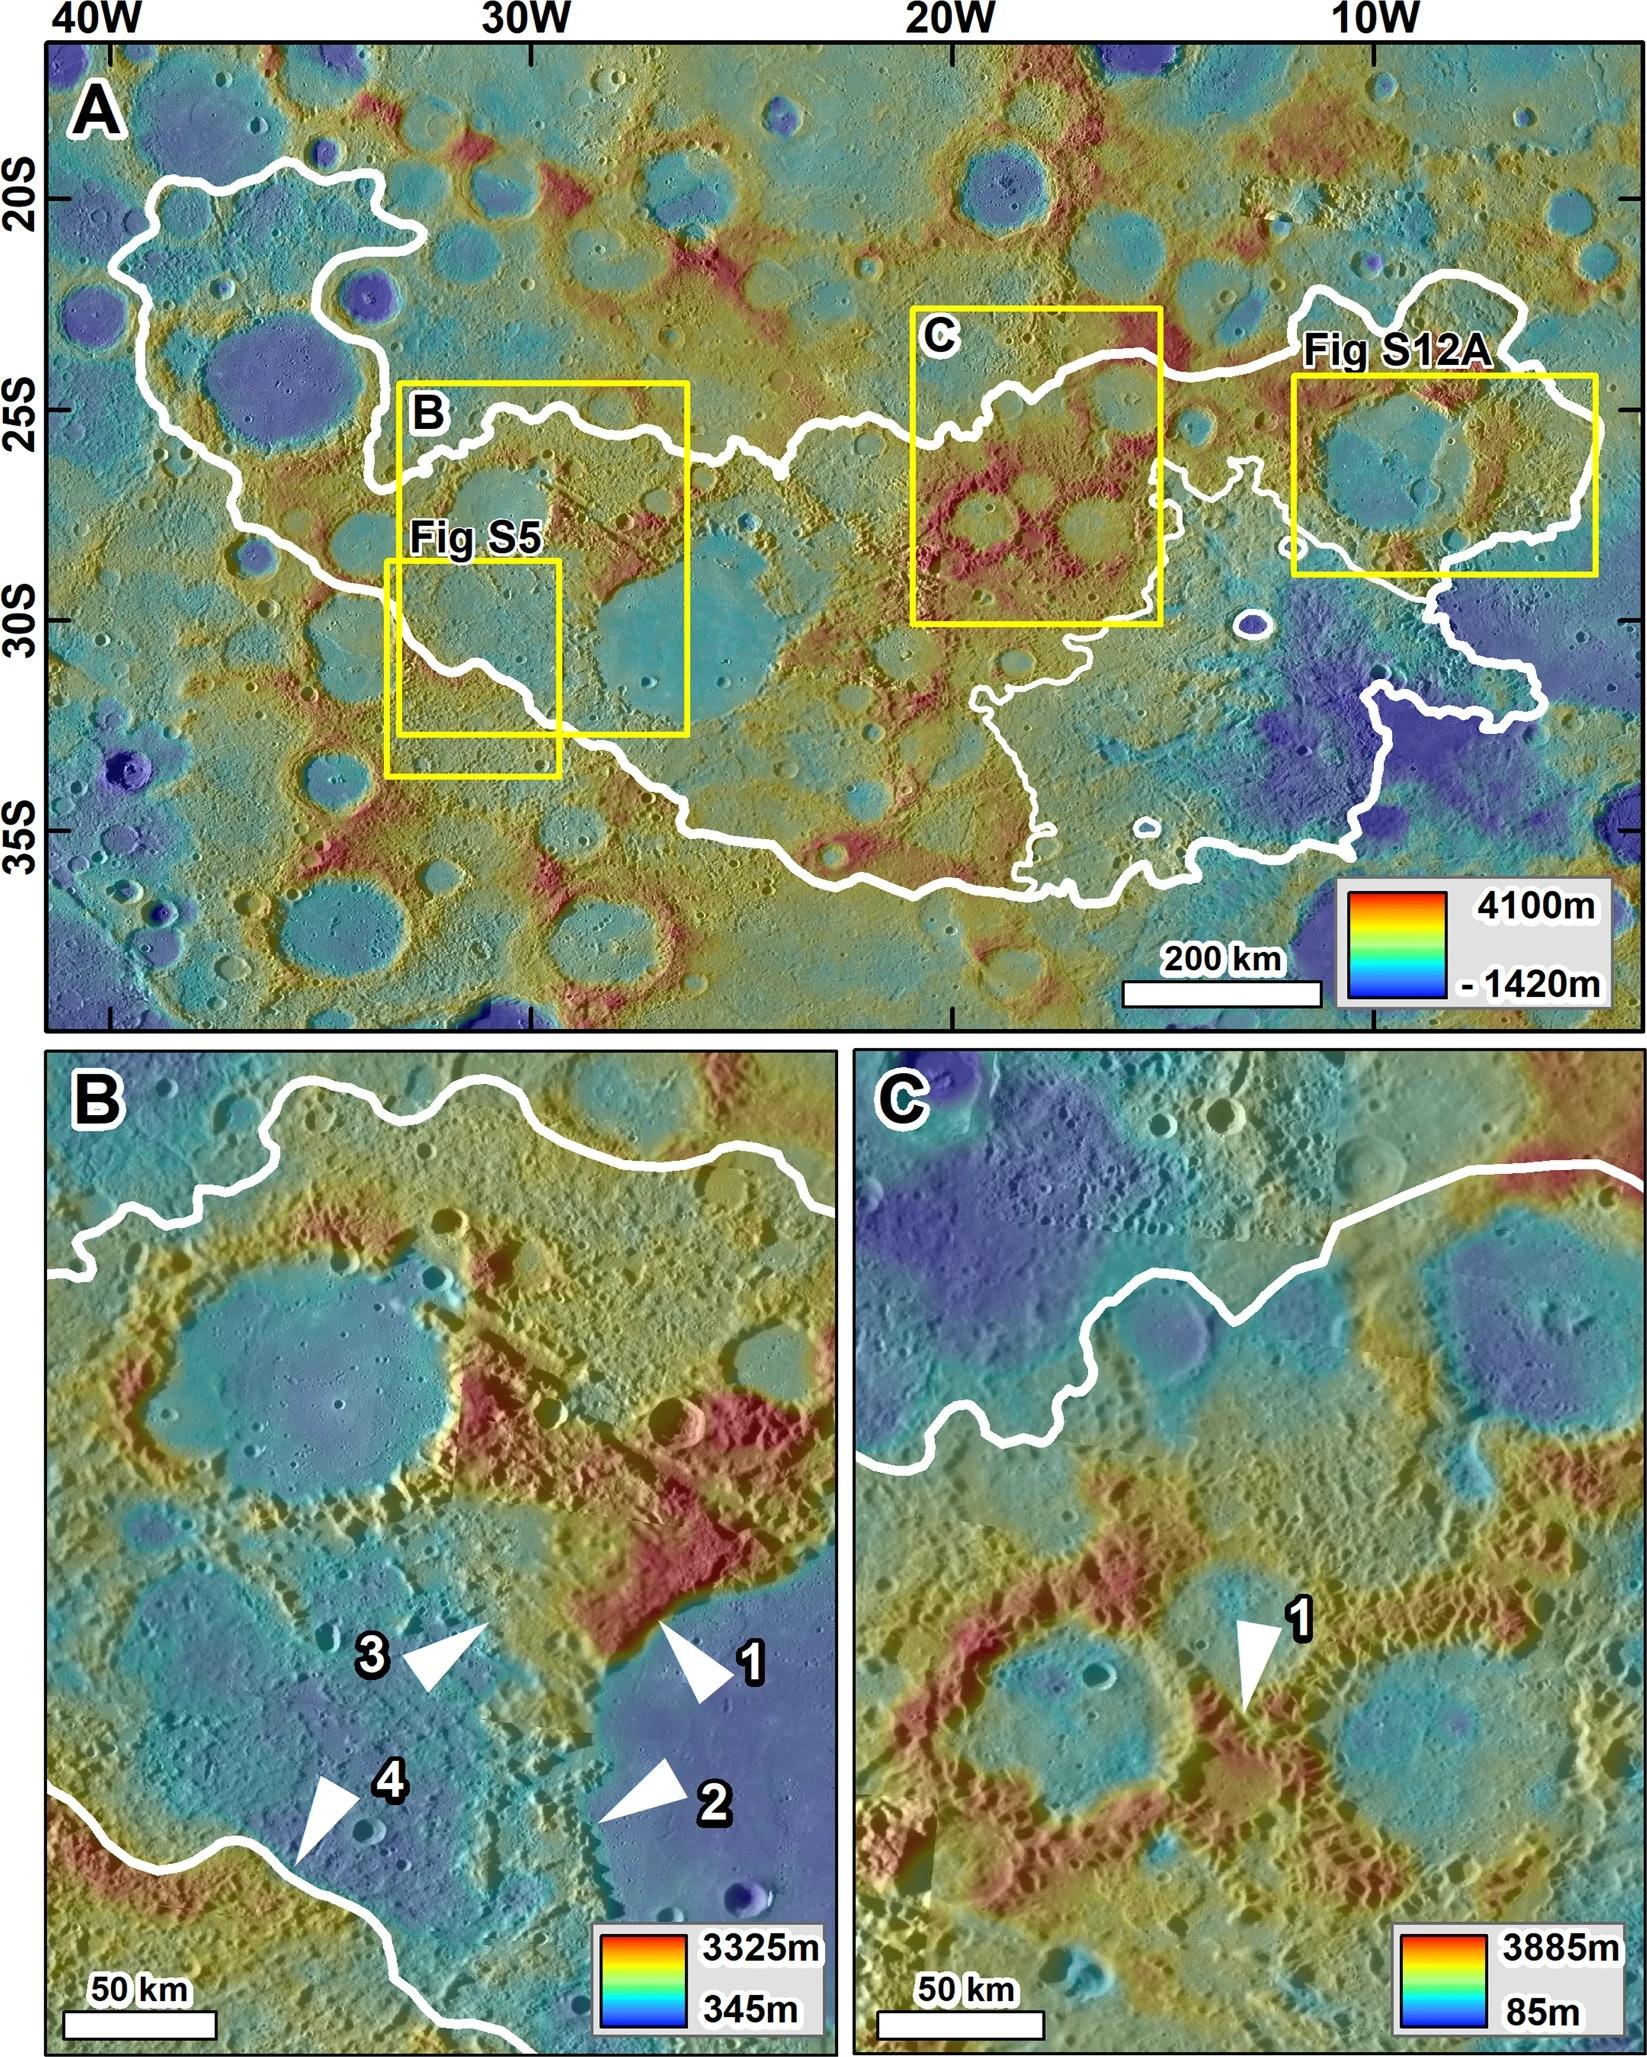 Cấu trúc phân tử 3,5 tỷ năm: Chìa khóa vàng để săn tìm sinh vật ngoài Trái Đất, NASA nói gì? - Ảnh 9.